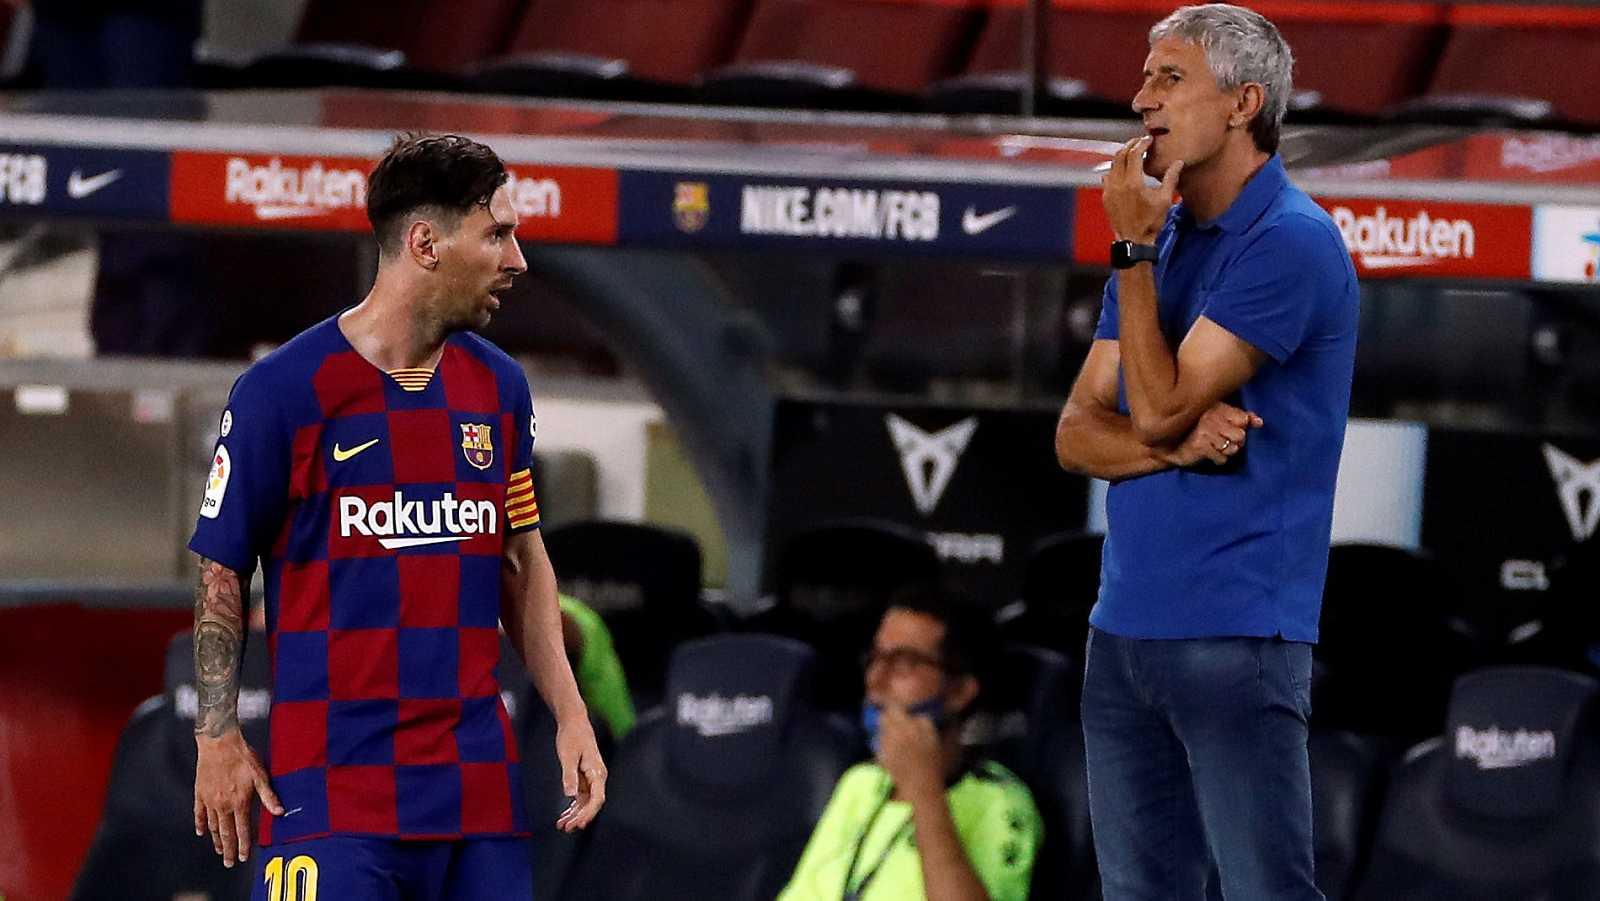 Vídeo: La oportunidad final para el Barça frente a un emergente Nápoles